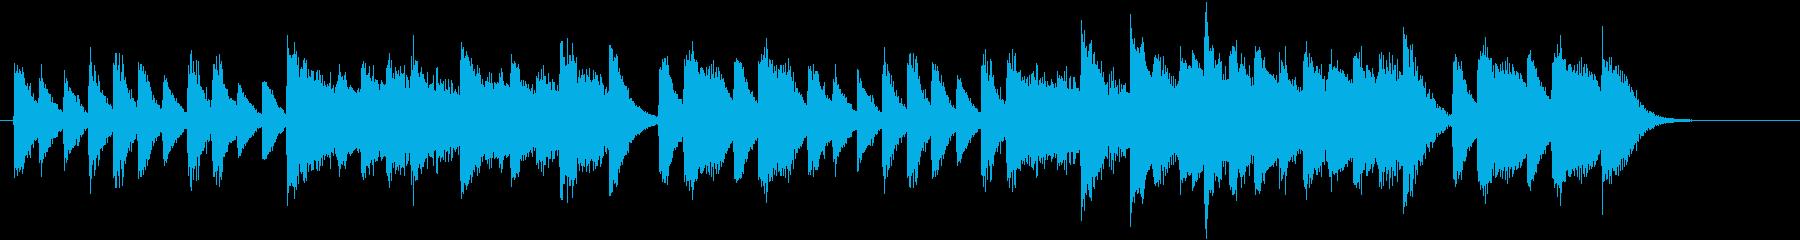 ワンパクなメロディ♪真冬のピアノジングルの再生済みの波形